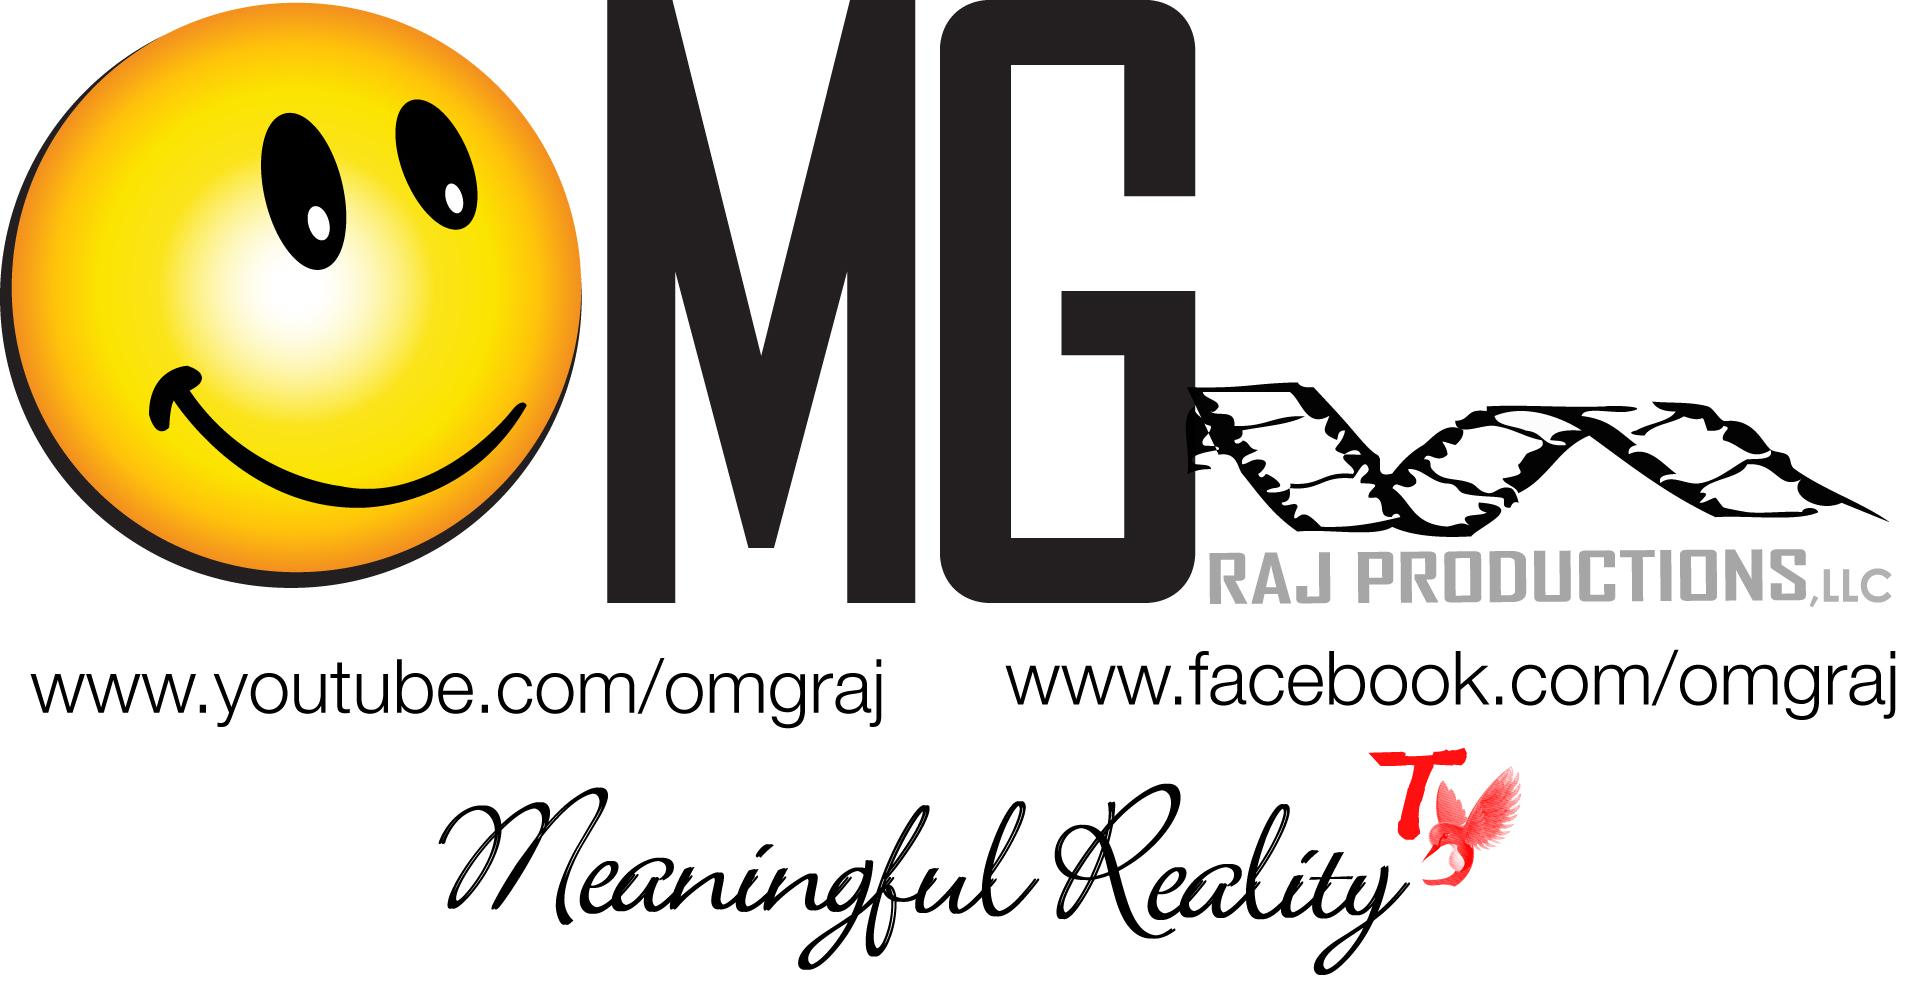 OMG Raj Productions